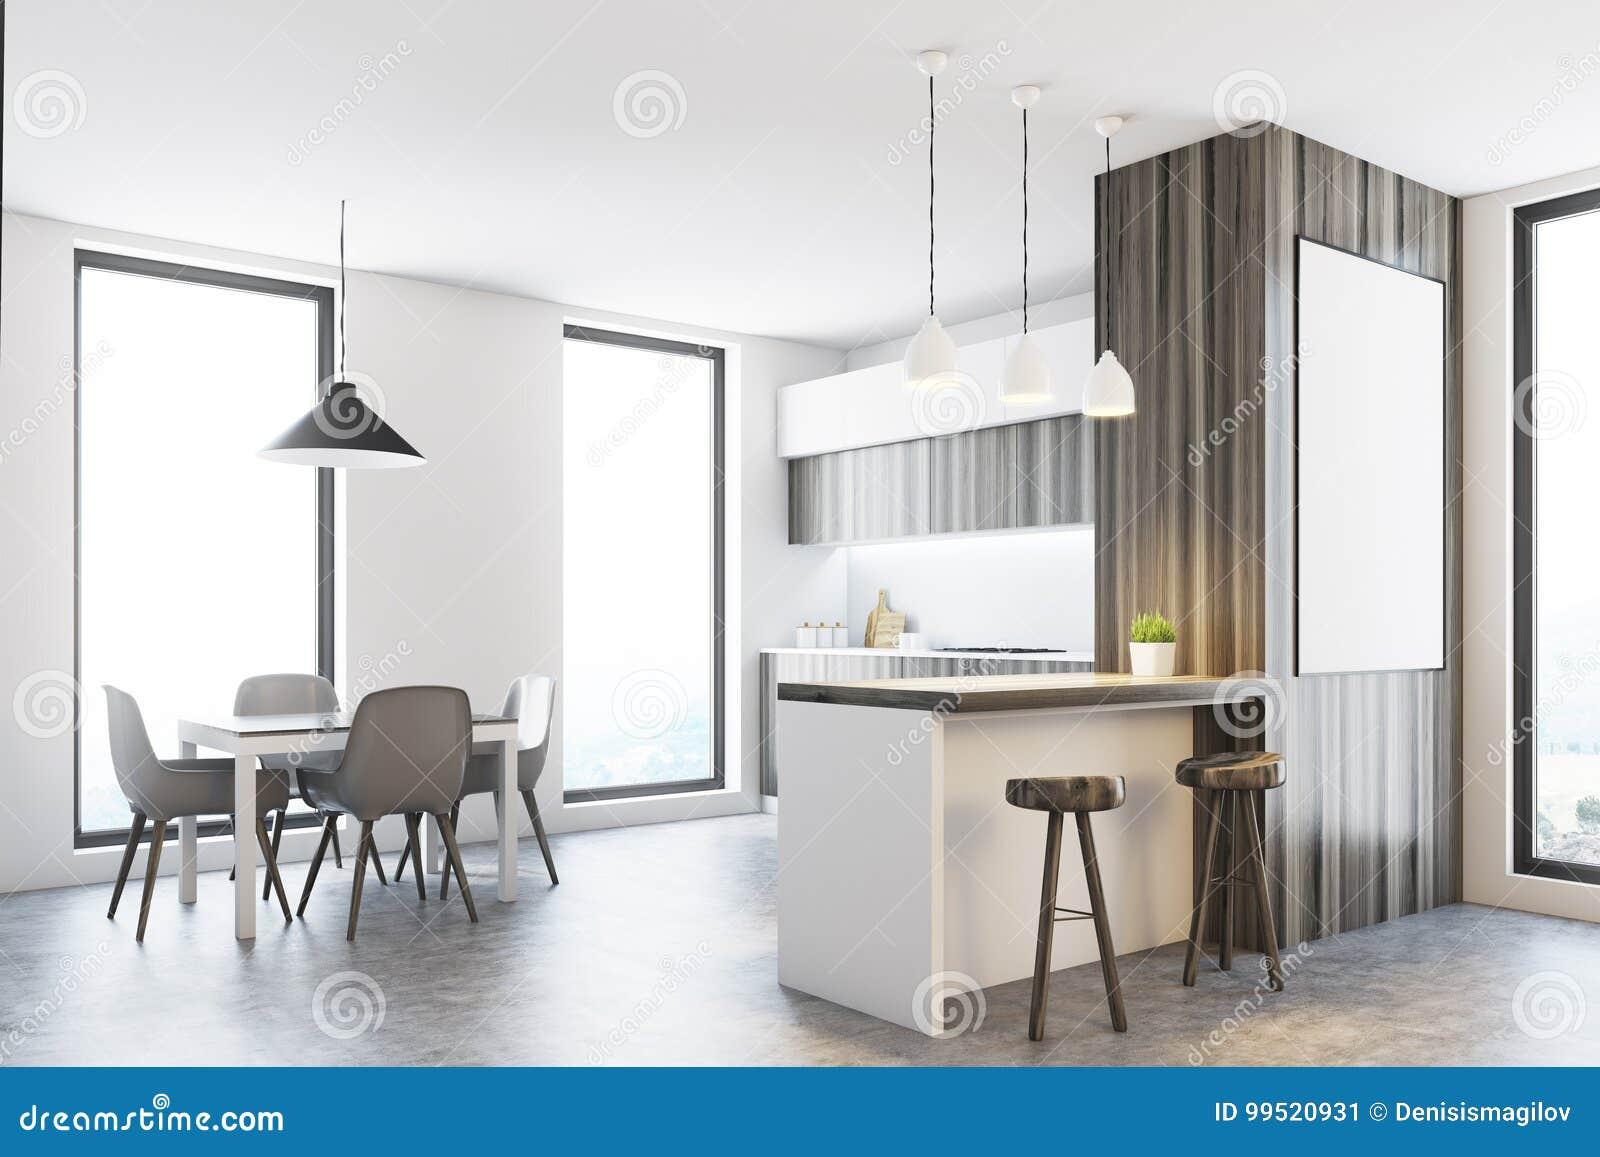 Keuken Houten Bar : Houten en witte keuken met een bar affiche stock illustratie